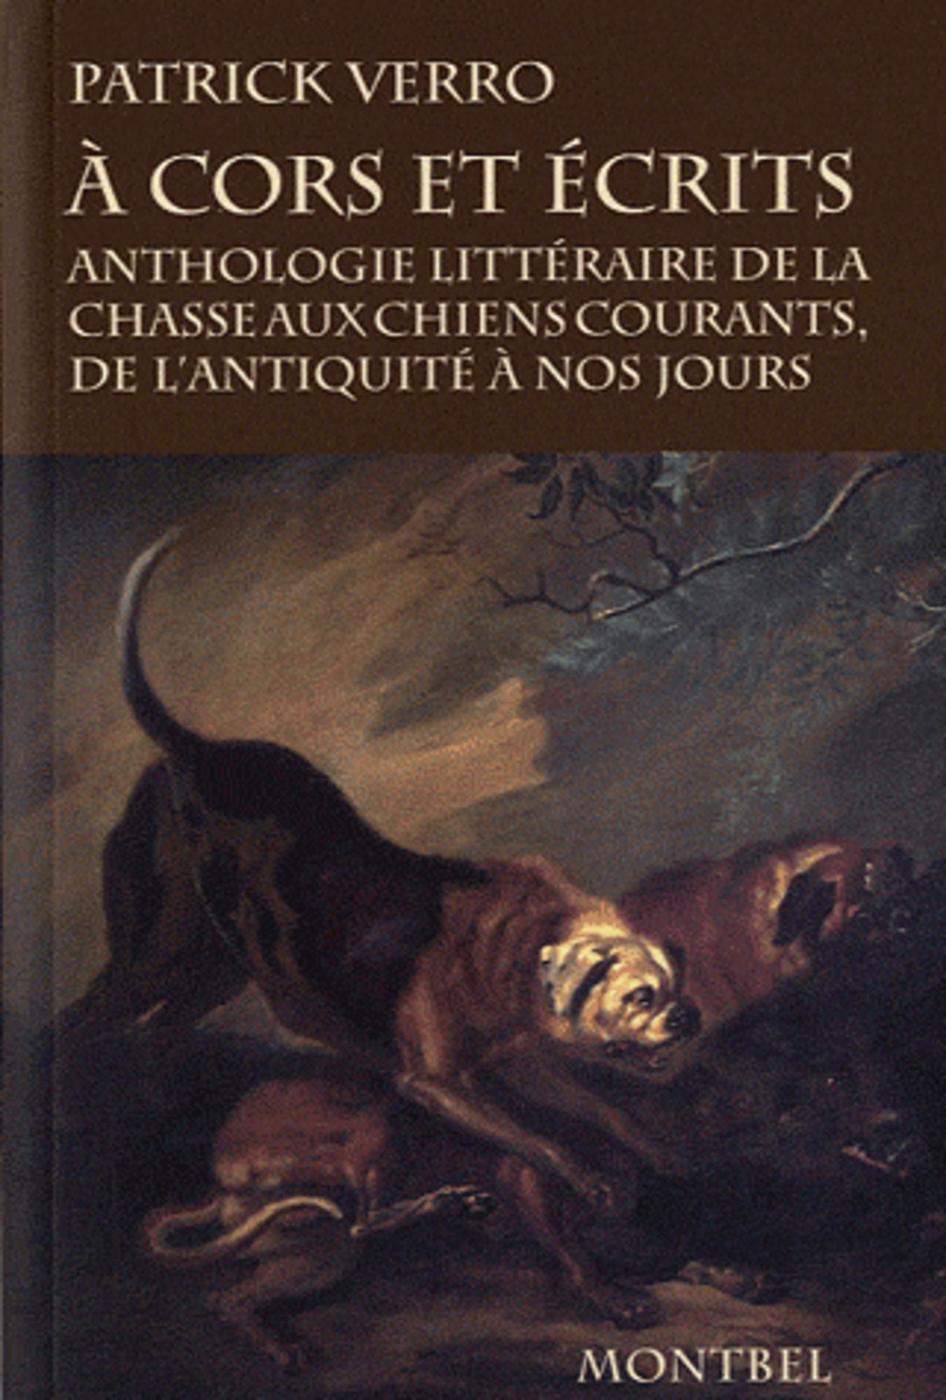 A CORS ET ECRITS. ANTHOLOGIE LITTERAIRE DE LA CHASSE AUX CHIENS COURANTS, DE L'A - ANTHOLOGIE LITTER